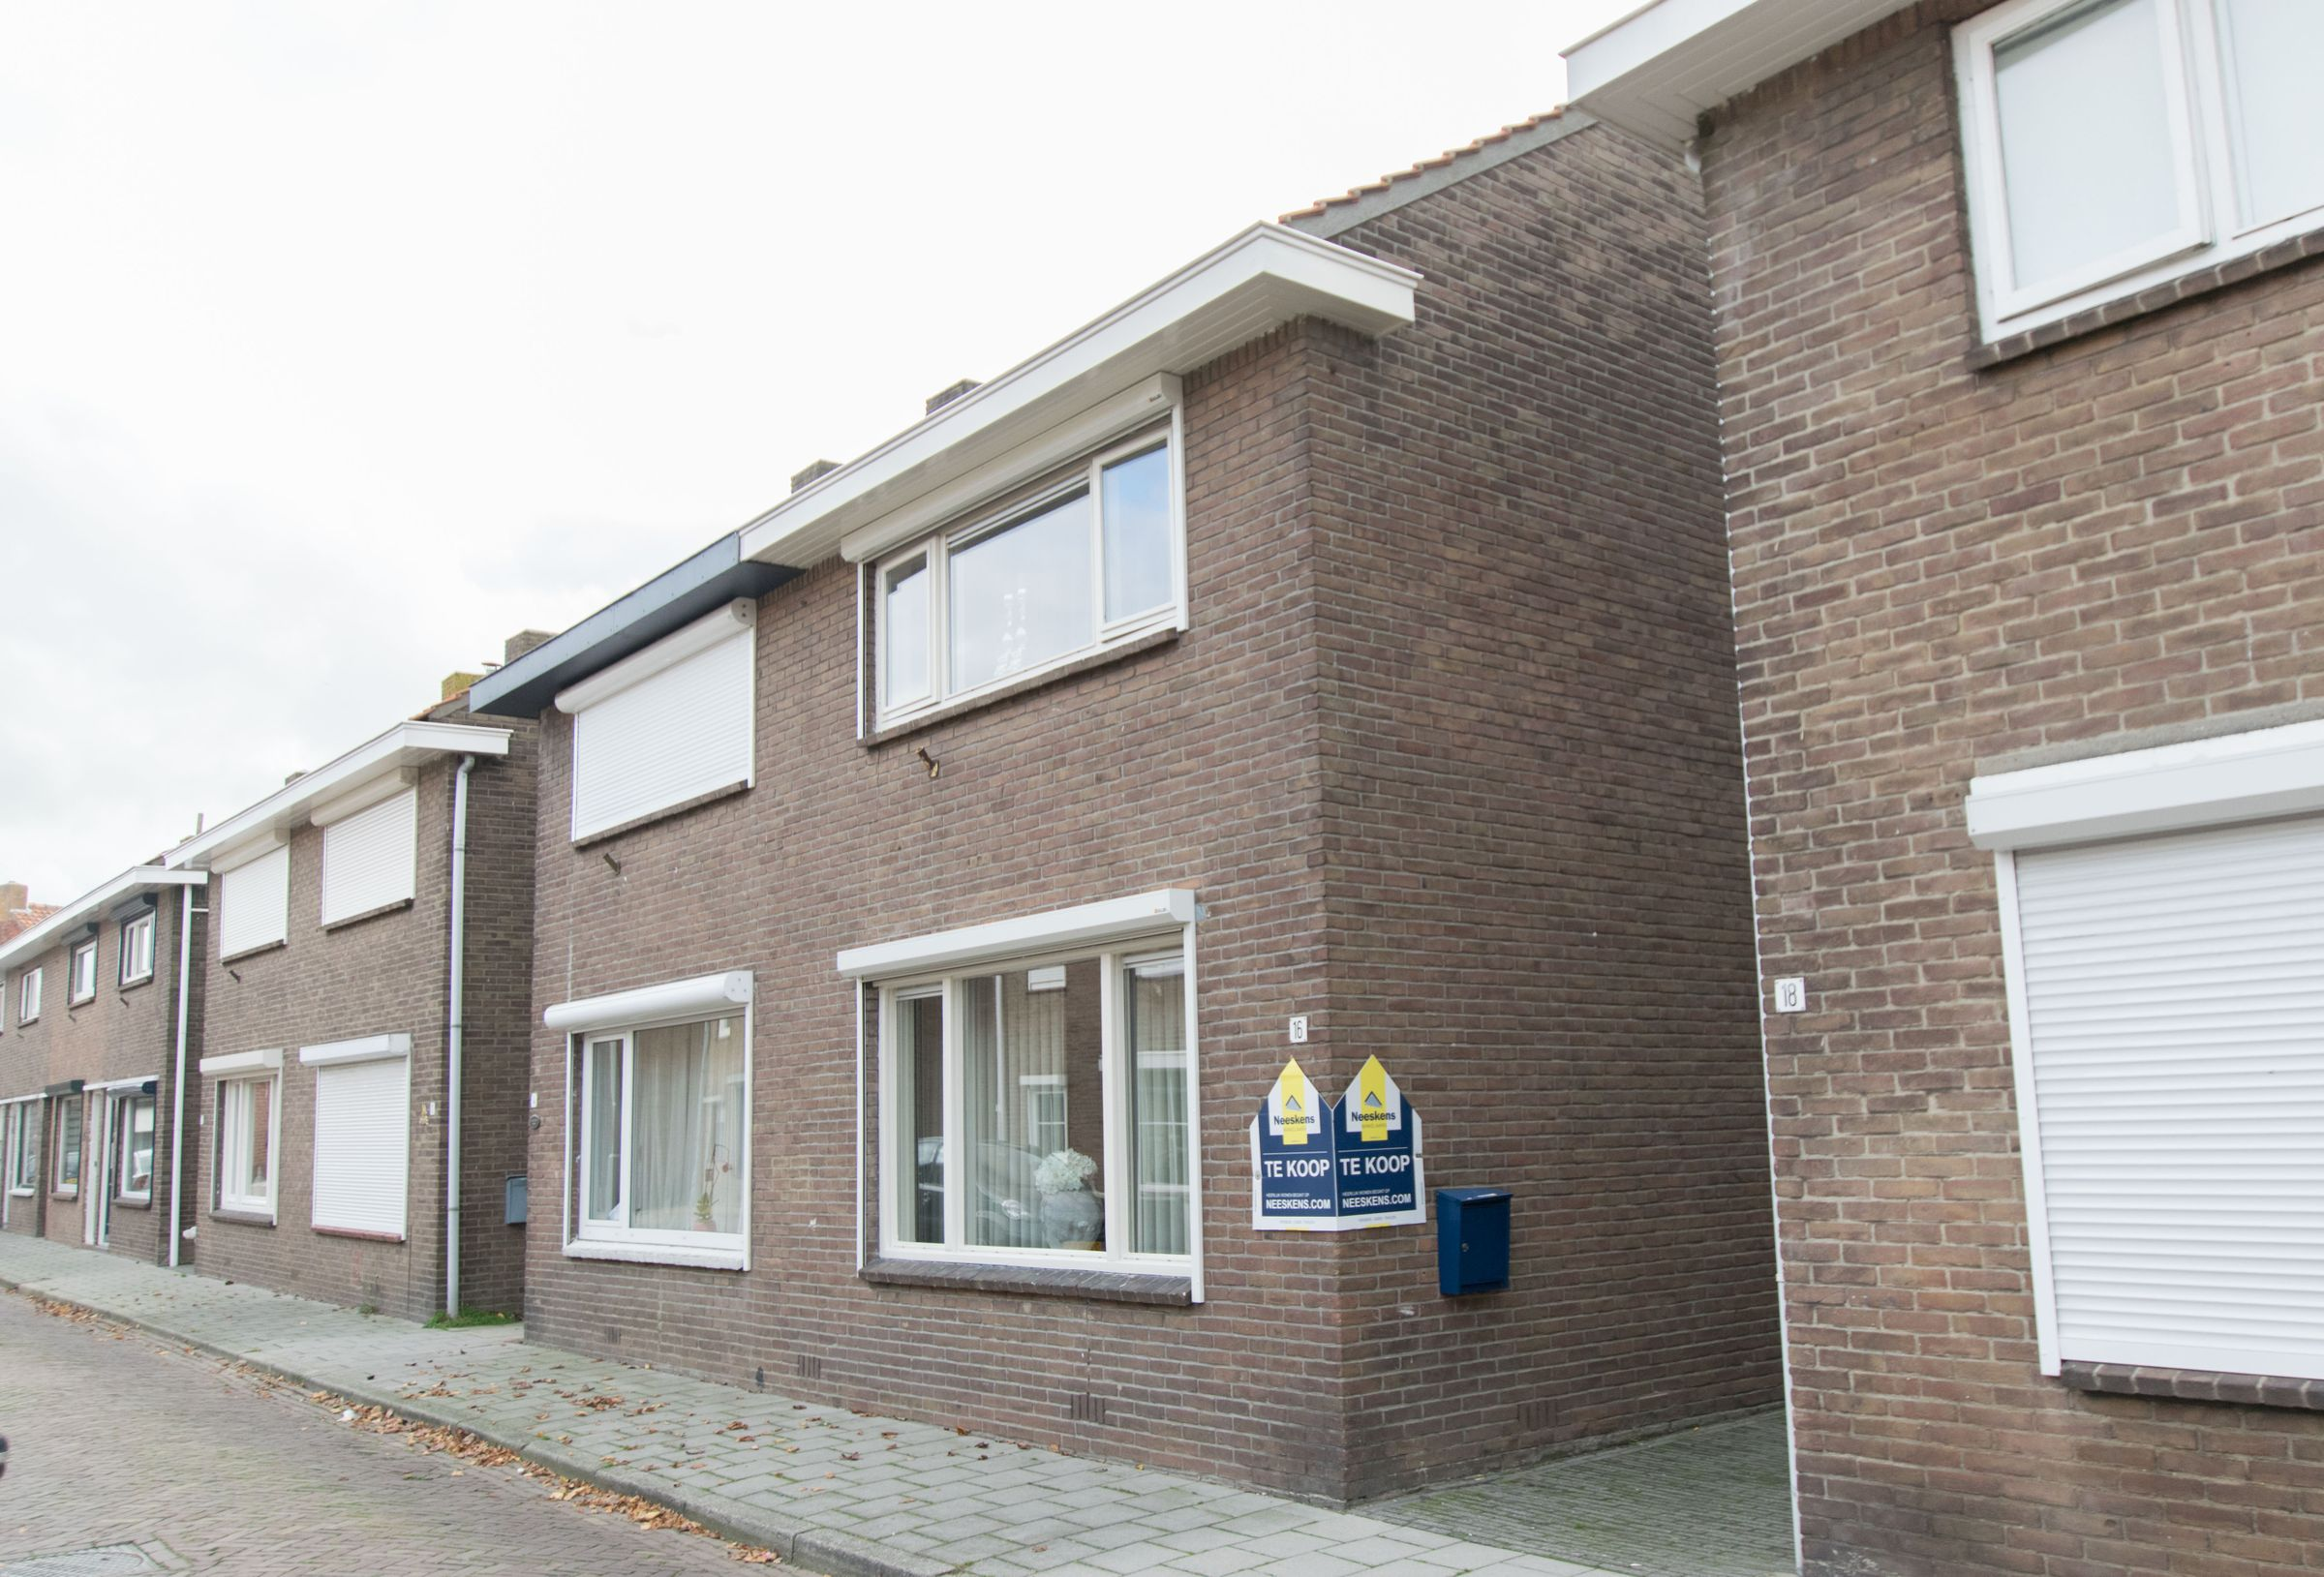 Van tienhovenstraat 16 koopwoning in yerseke zeeland for Starterswoning rotterdam